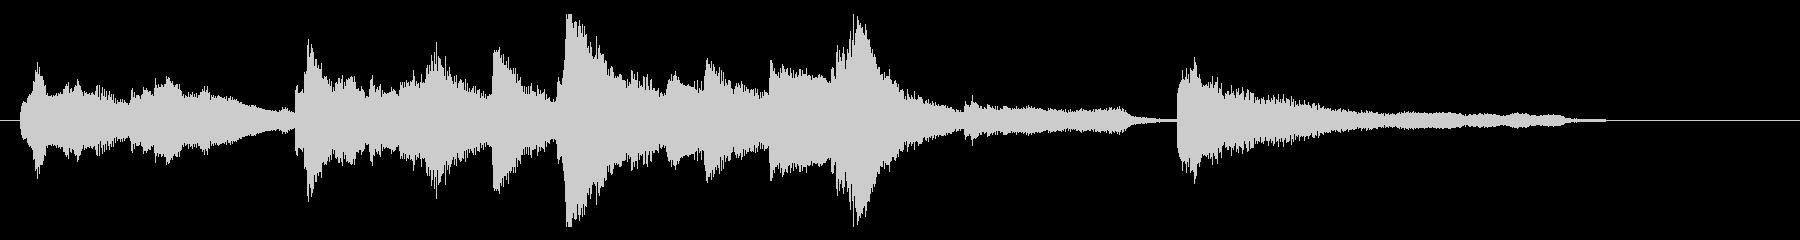 ジングル ピアノソロ バラードの未再生の波形